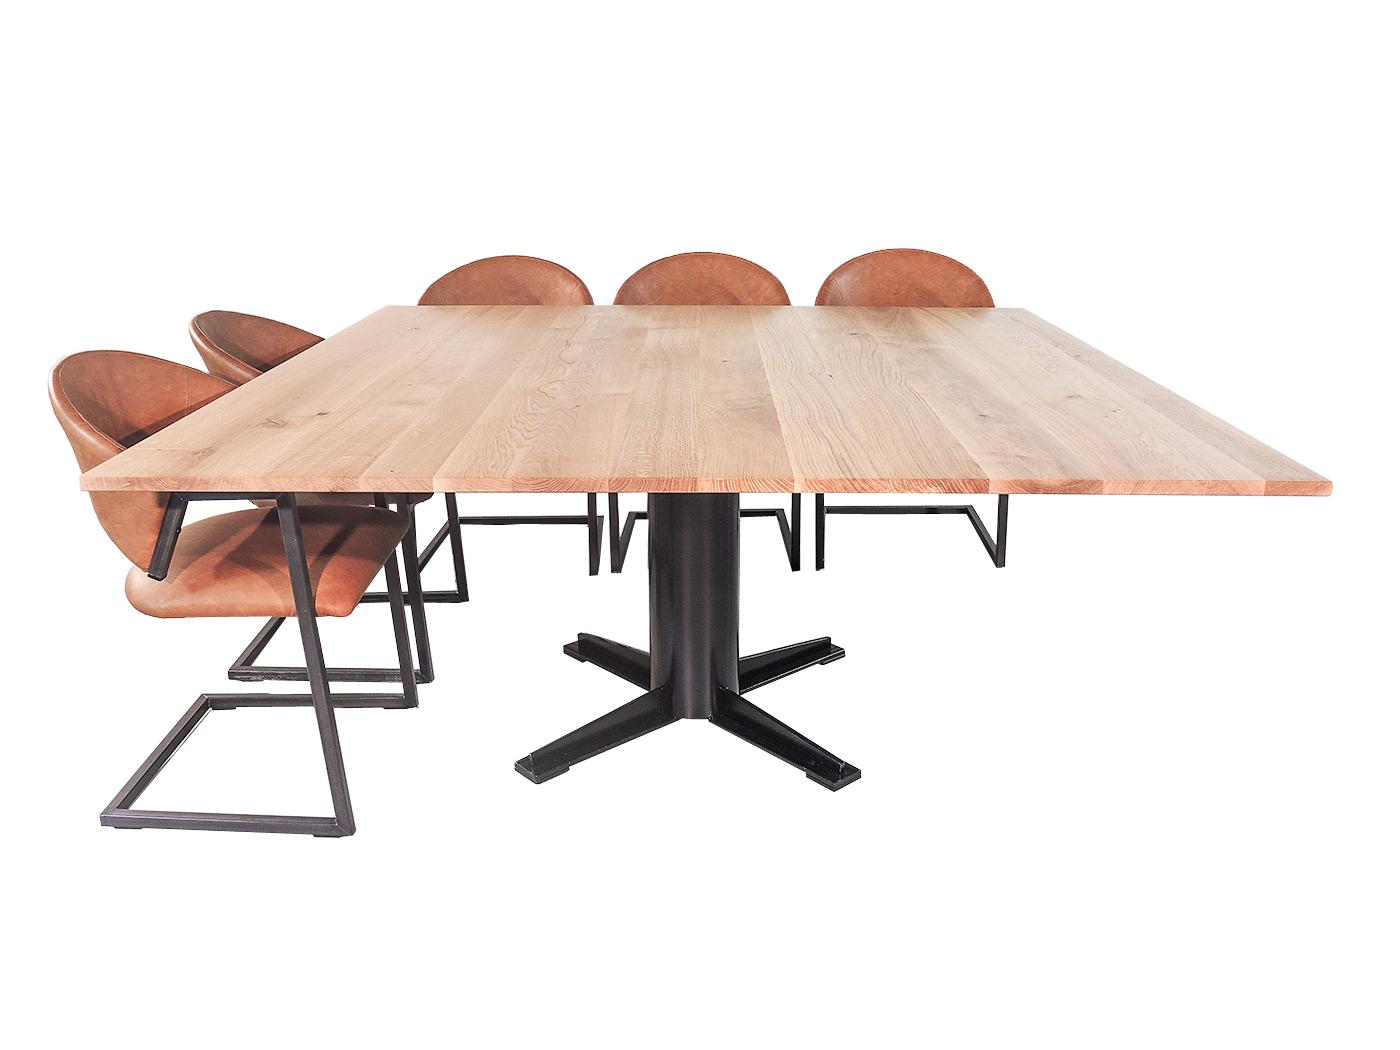 Ronde Eettafel 10 Personen.Nevada Vierkante Eettafel Voor 8 Personen